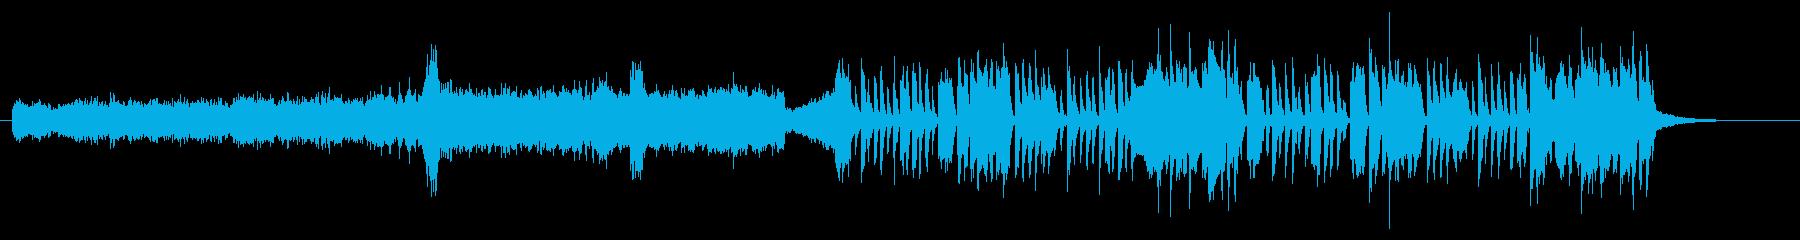 テクニカル要素の強い変則ビートの再生済みの波形